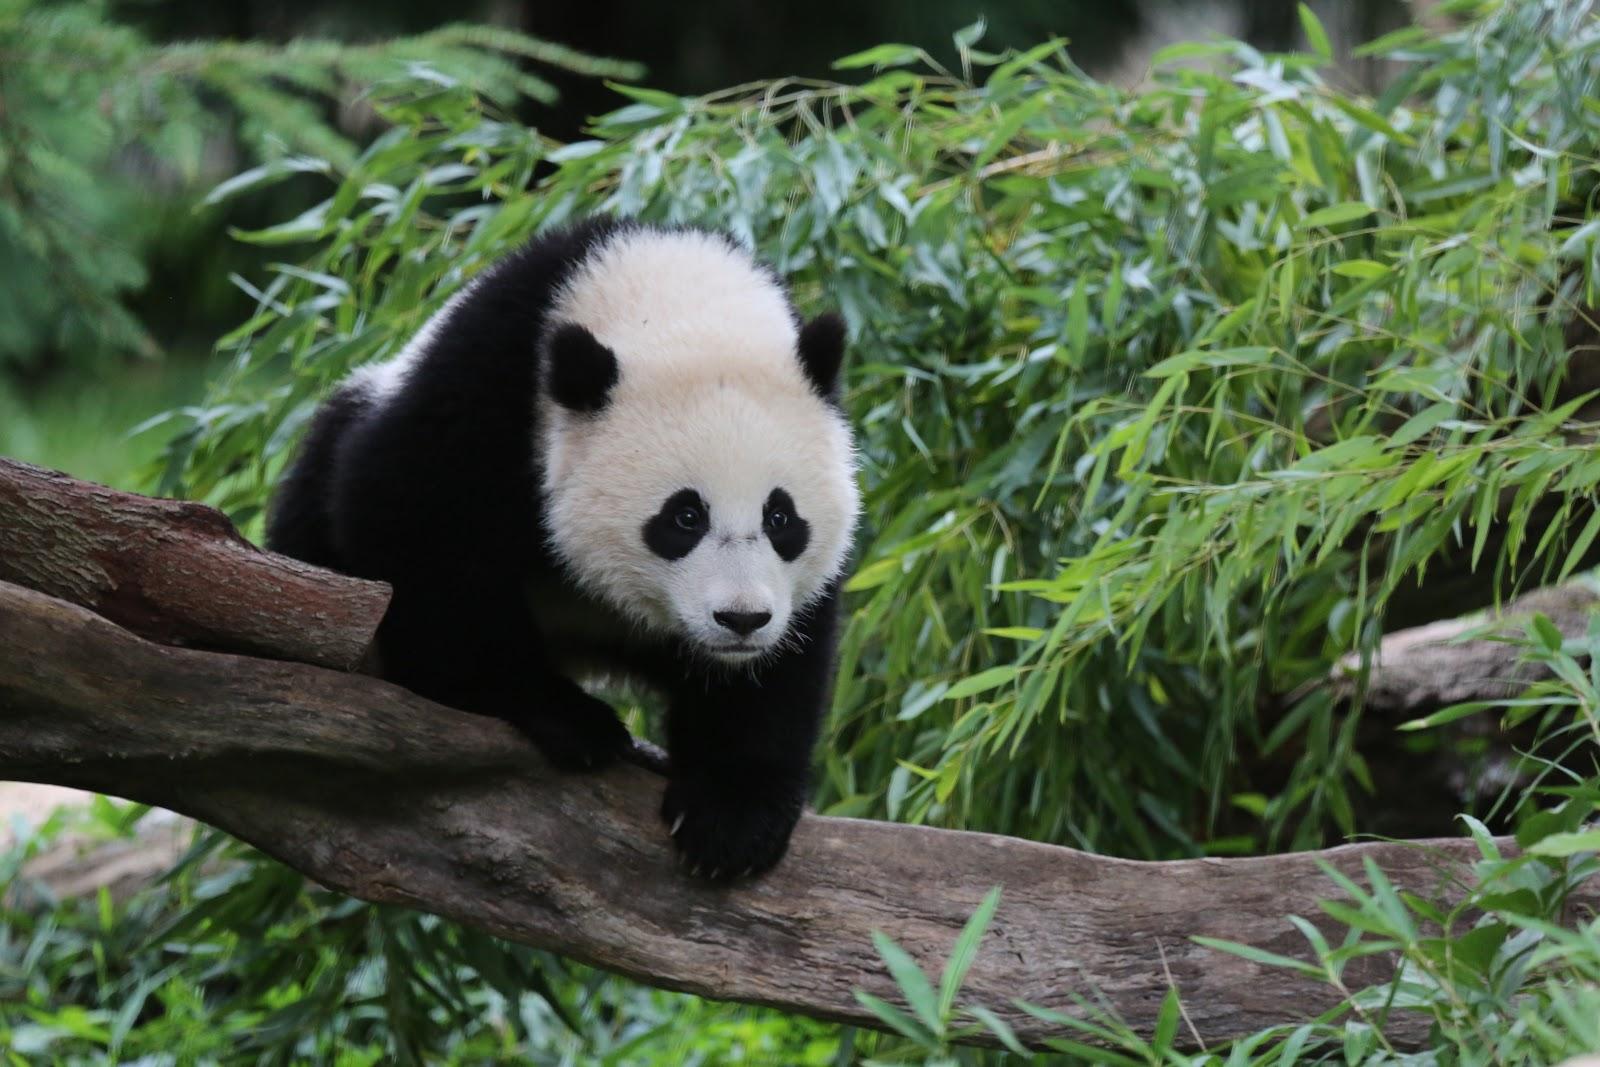 森の中で木の枝を歩いている一歳の赤ちゃんパンダ